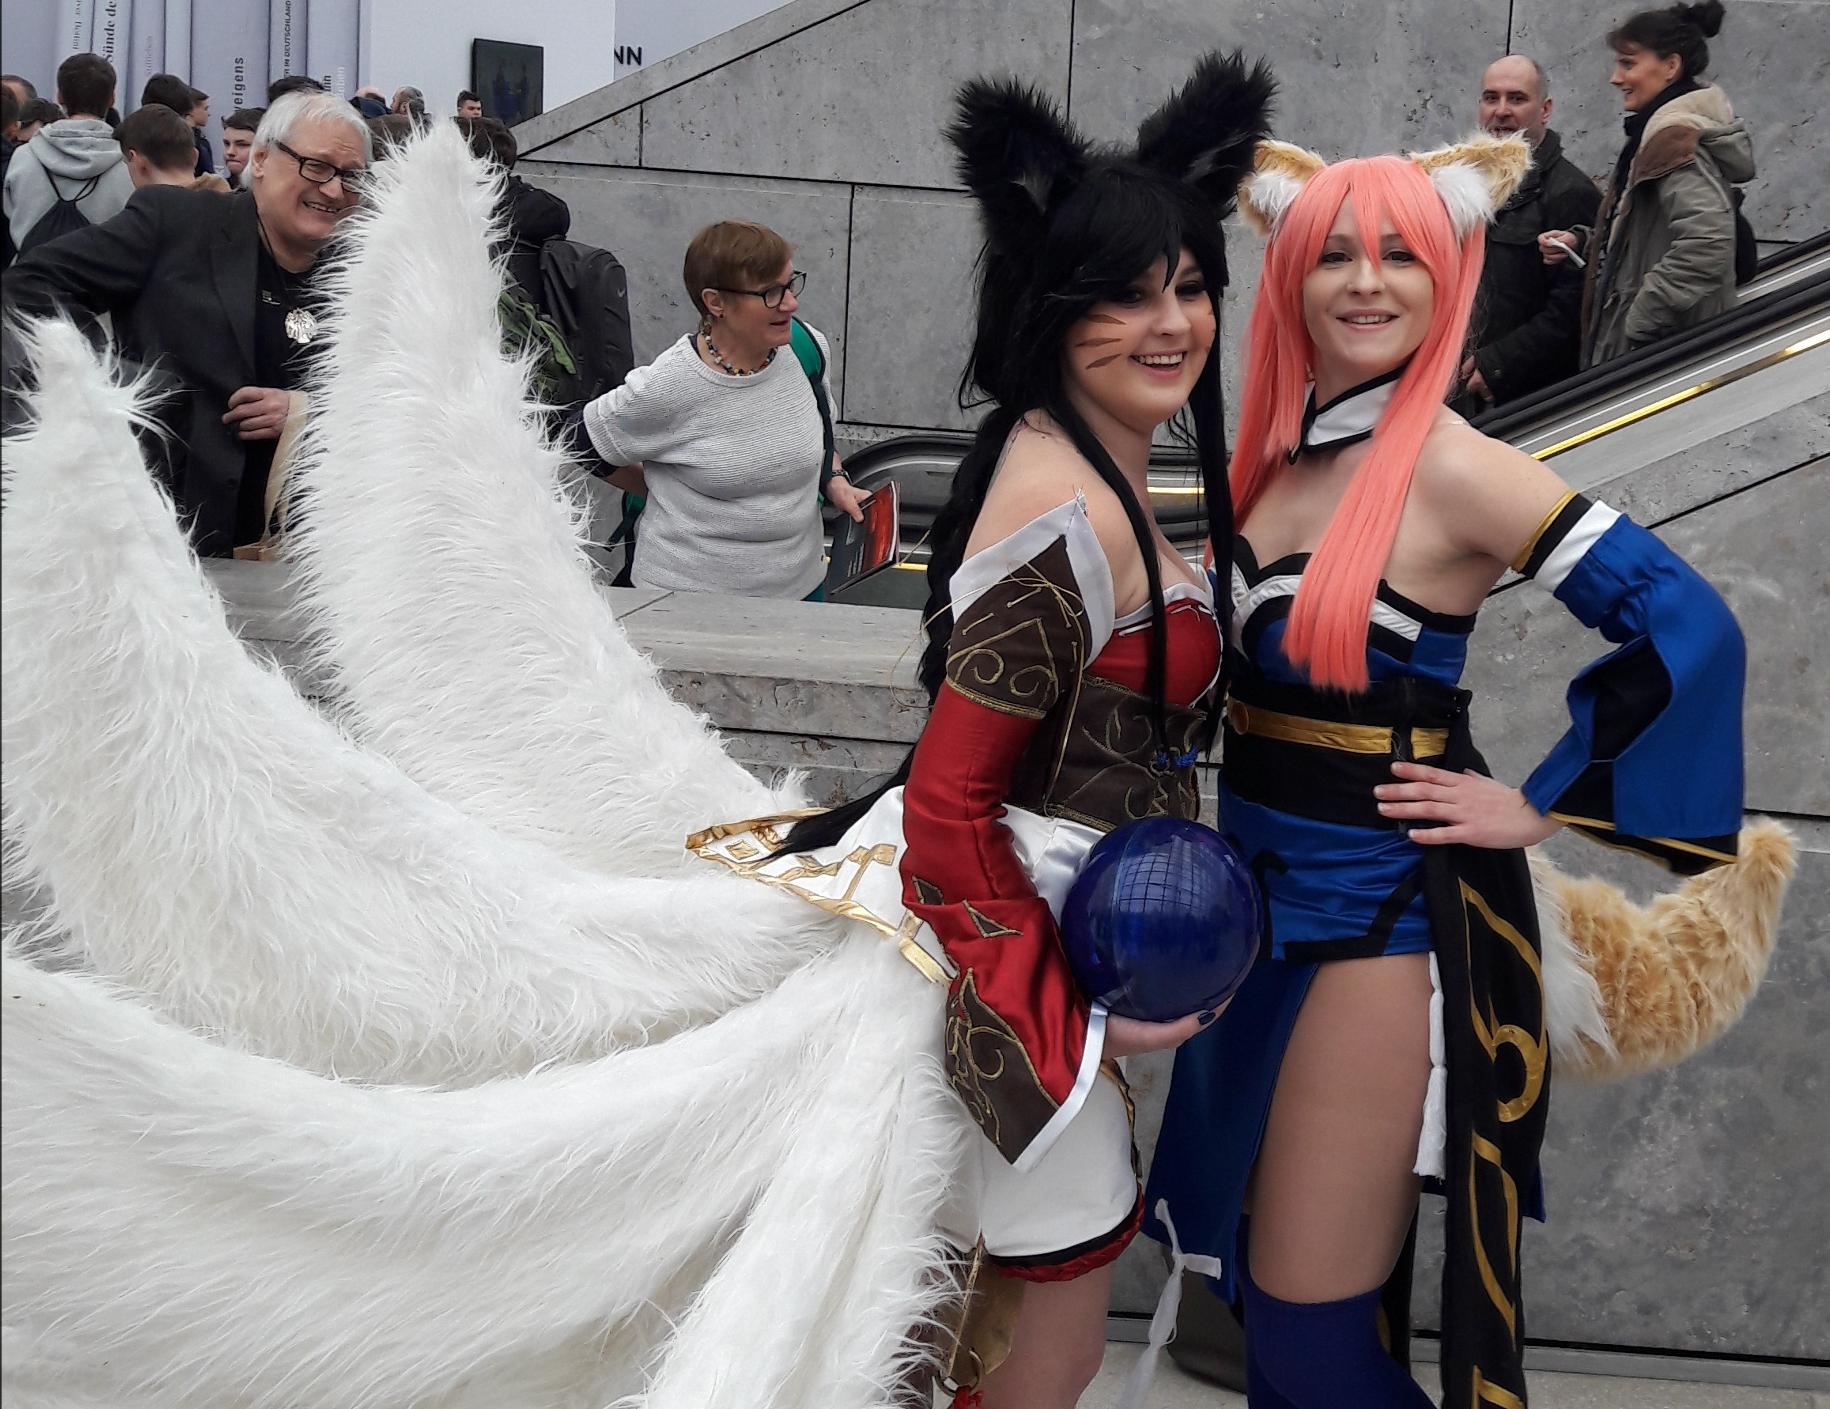 Spätestens ab dem 2. Tag übernehmen die Cosplayer - als Mangafiguren verkleidete Jugendliche - die Buchmesse